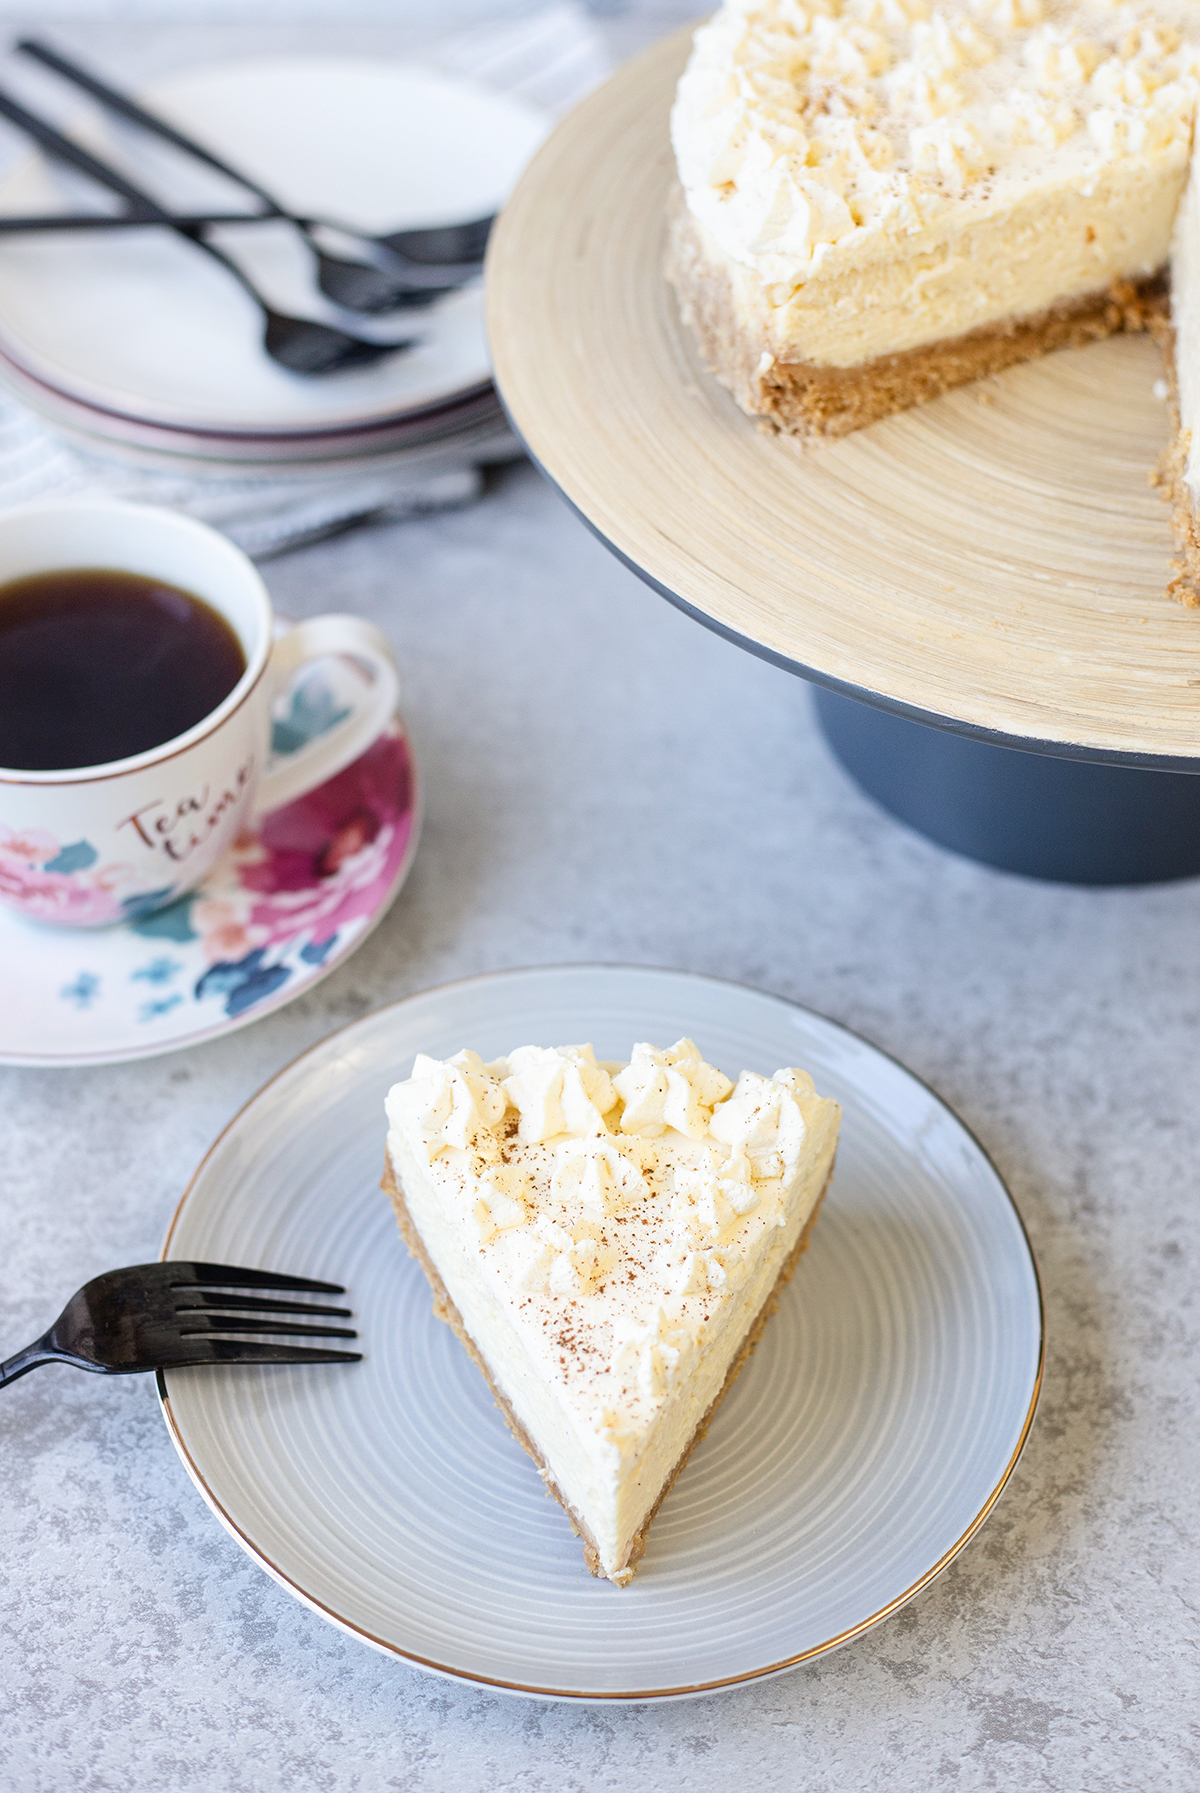 easy eggnog cheesecake recipe #eggnogcheesecake #easycheesecakerecipe #easydessertrecipe #eggnogrecipes